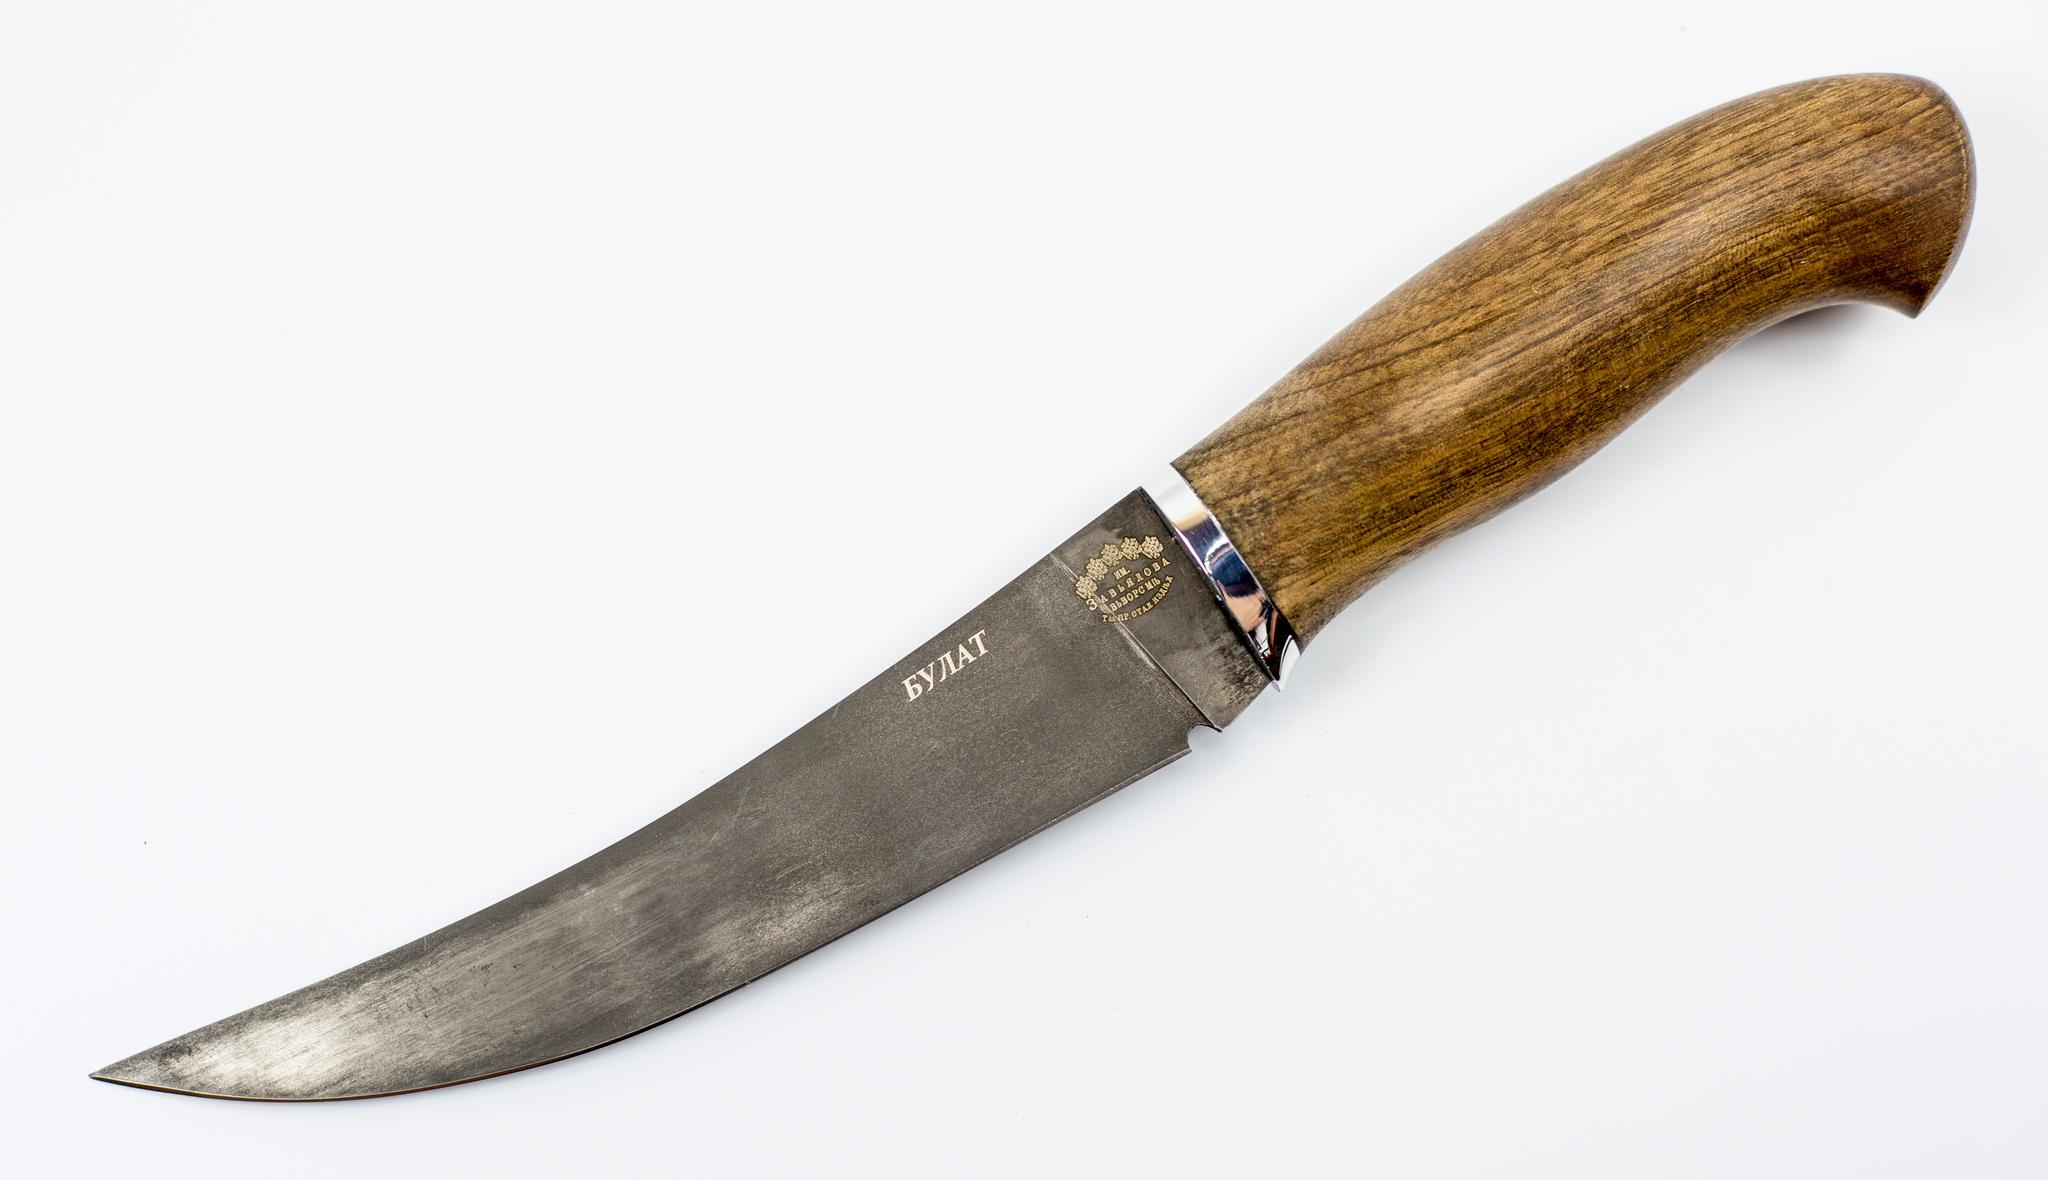 Нож филейный Нерпа , сталь булатНожи Ворсма<br>Филейный нож Нерпа можно смело отнести к категории универсальных туристических ножей. Геометрия ножа отлично приспособлена для решения широкого круга задач в дикой природе. Узкий и длинный клинок со взлетающим кончиком легко справляется с чисткой и потрошением рыбы любого размера. Ножом удобно резать мясо для приготовления шашлыка или разделывать небольшую водоплавающую дичь. Клинок данной модели выкован вручную из булатной стали. О твердости и остроте этого материала ходят легенды. Теперь вы сможете испытать этот материал в своих небольших путешествиях. Рукоять ножа выполнена из натуральной древесины. Таким ножом можно работать на морозе голой рукой. Рукоять нагреется от руки и будет отдавать свое тепло вам.<br>